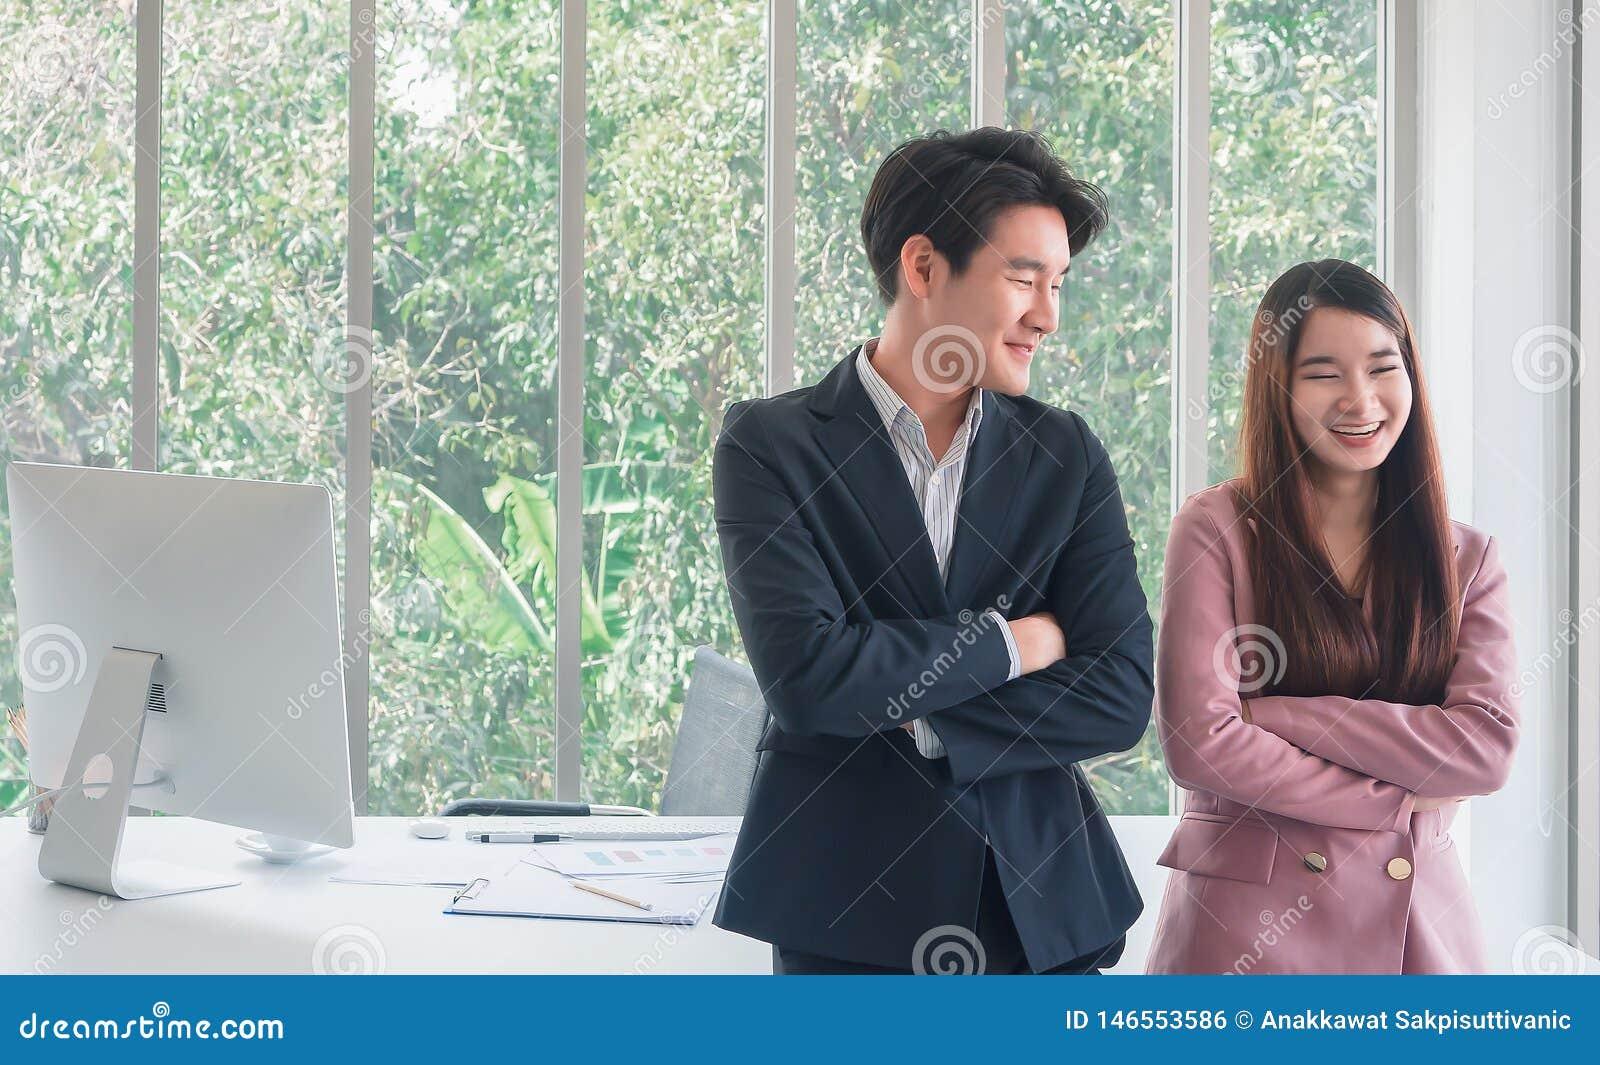 Aziatische jonge knappe bedrijfsman bespreking met mooie bedrijfs zo grappige vrouw